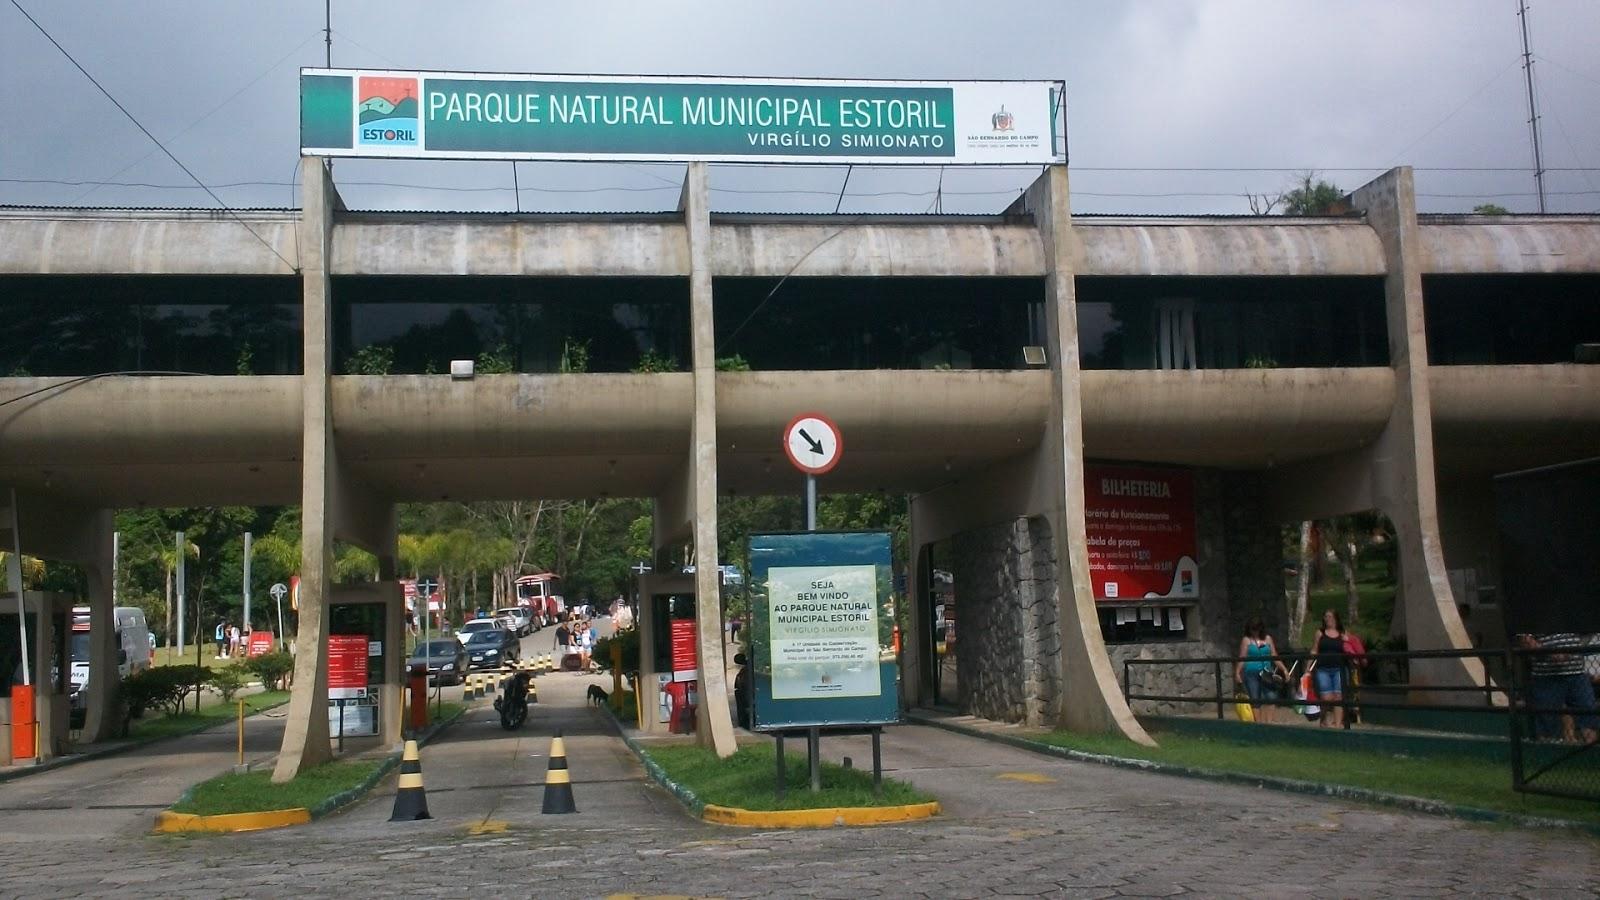 : Brasil São Bernardo do Campo Parque Estoril 18km #428089 1600x900